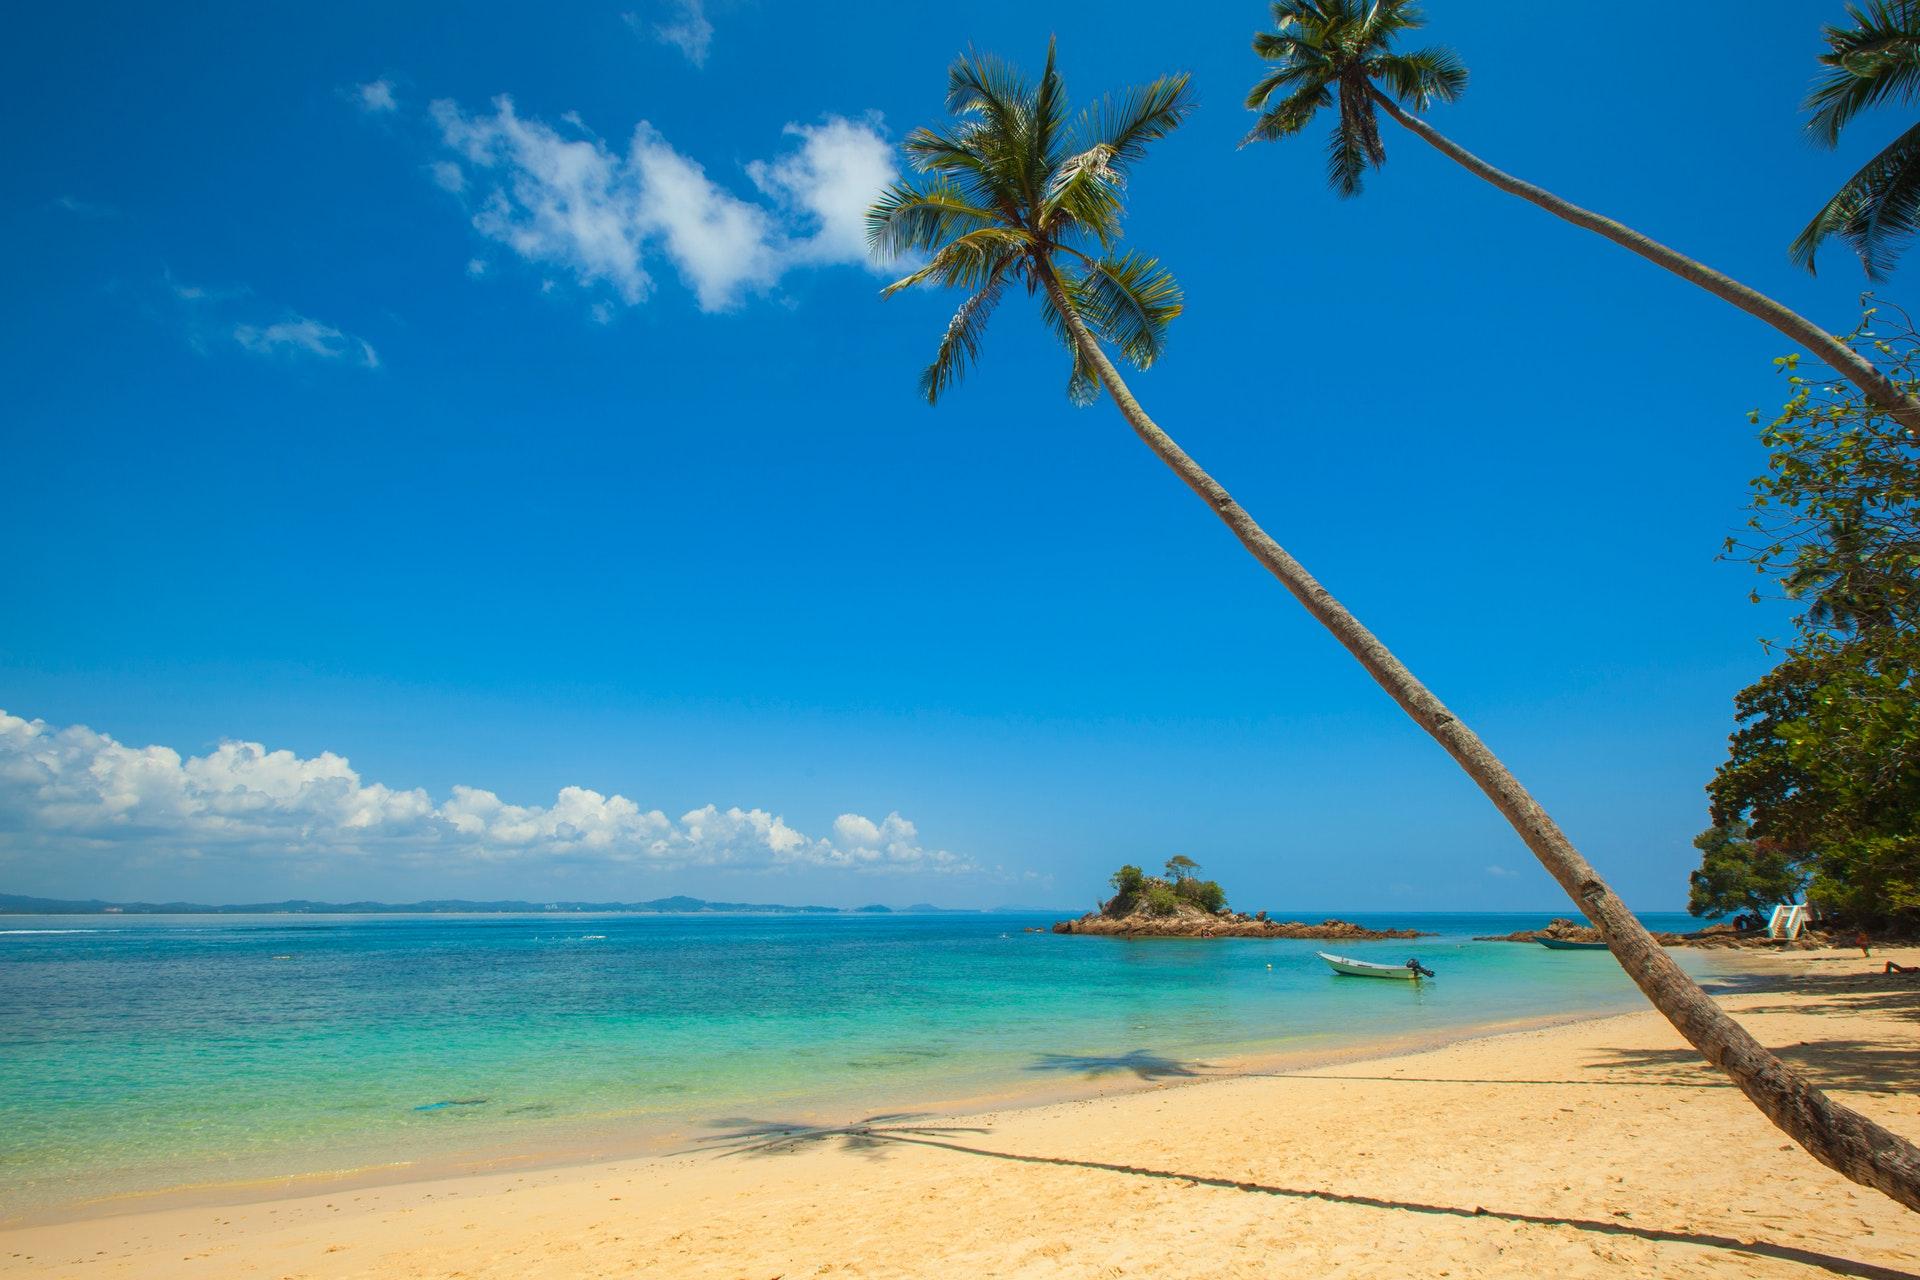 Beaching Travel